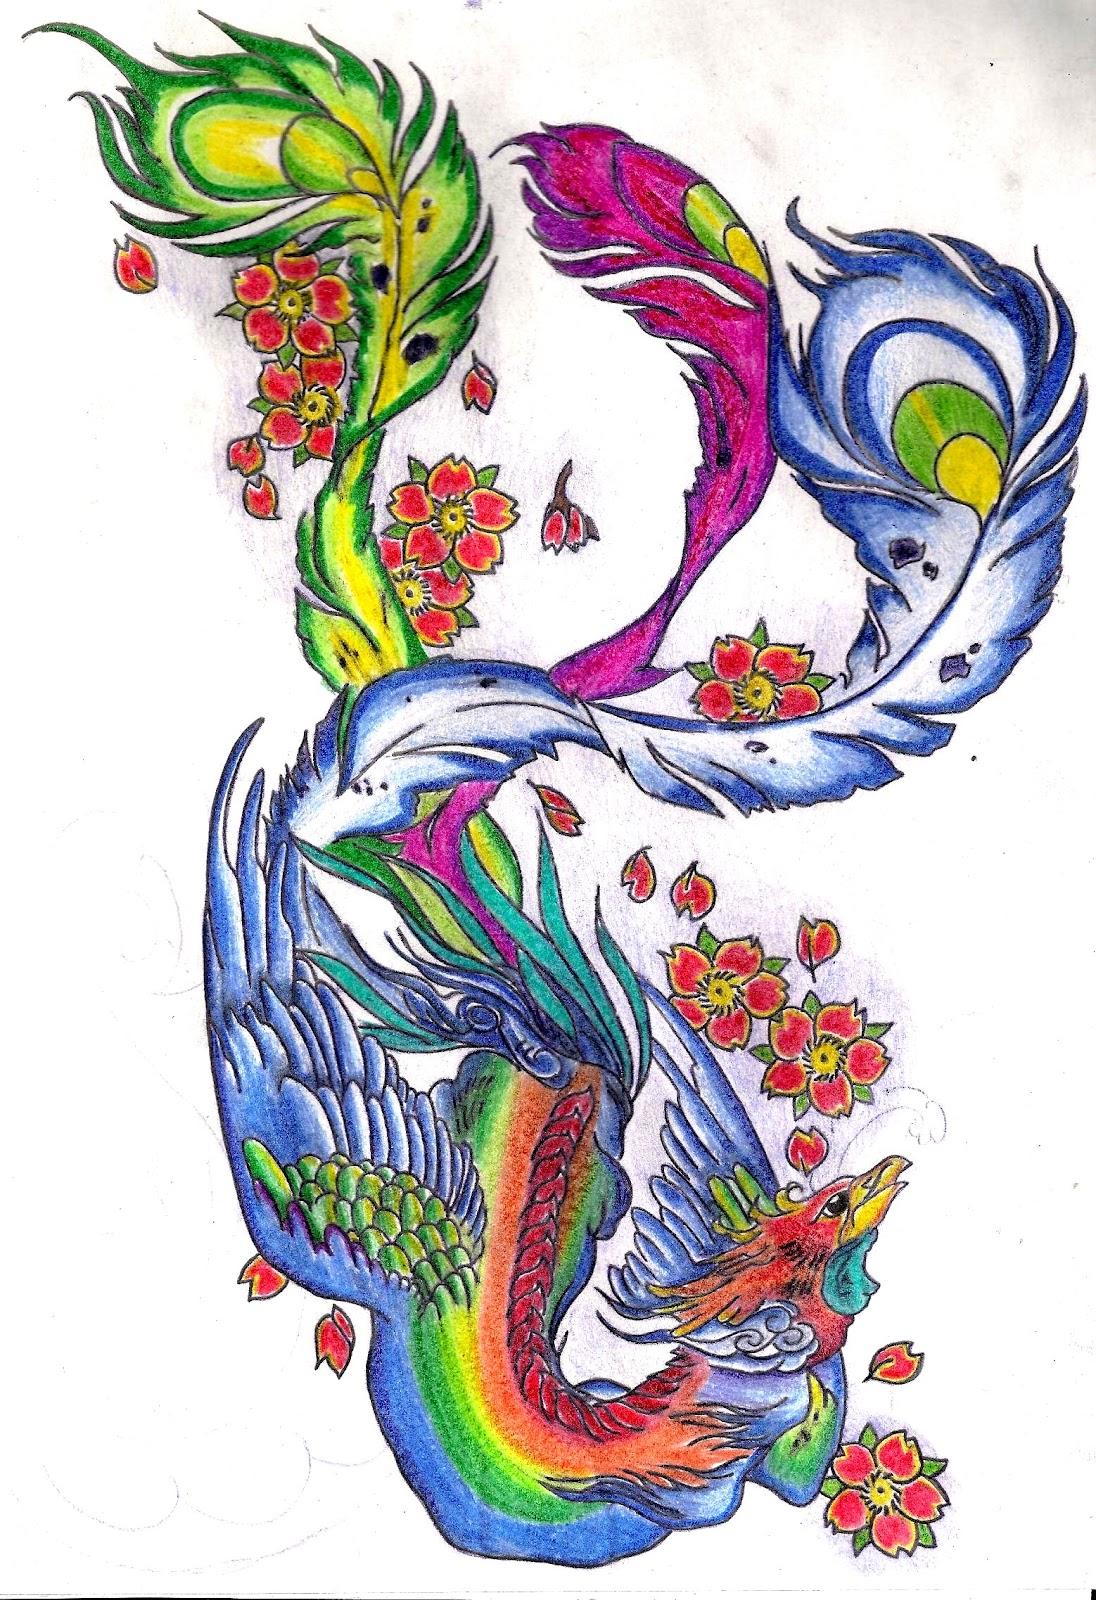 http://1.bp.blogspot.com/--R29kiccp4M/T8YgemEtyPI/AAAAAAAACDk/FvcDEzdmkpo/s1600/fenix++tattoo+2012-30.jpeg